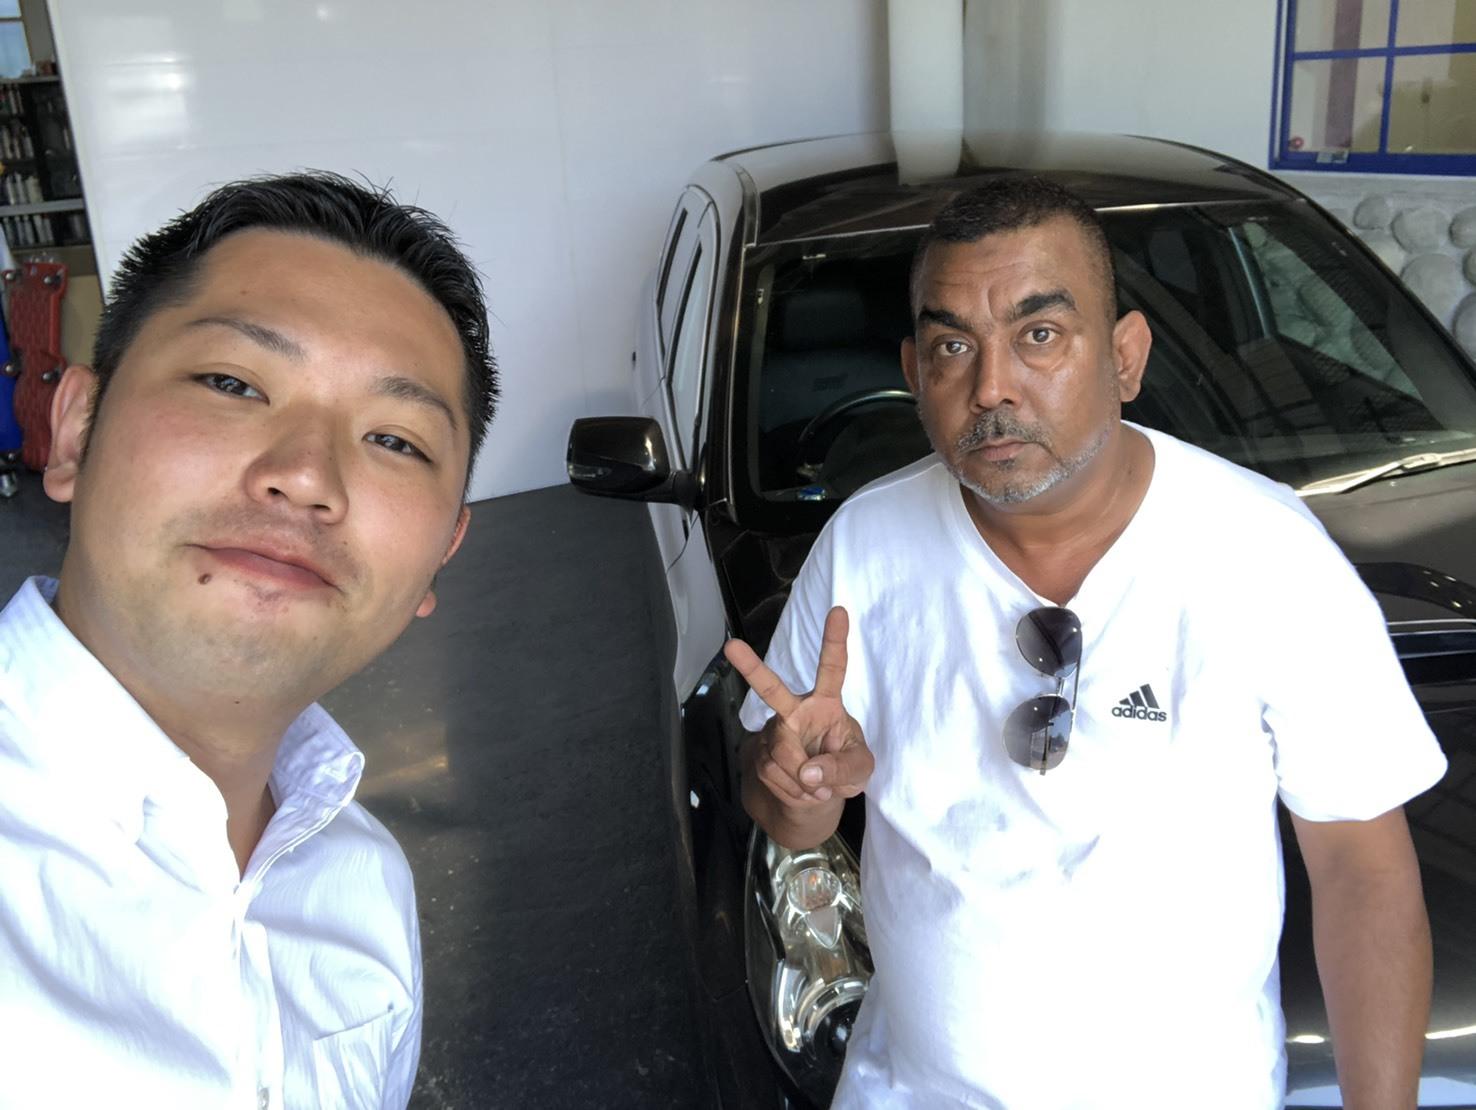 9月10日(火)TOMMYBASEブログ☆S様レガシィB4納車!N様N-BOX納車!限定車レガシィ入庫!!_b0127002_16582473.jpg